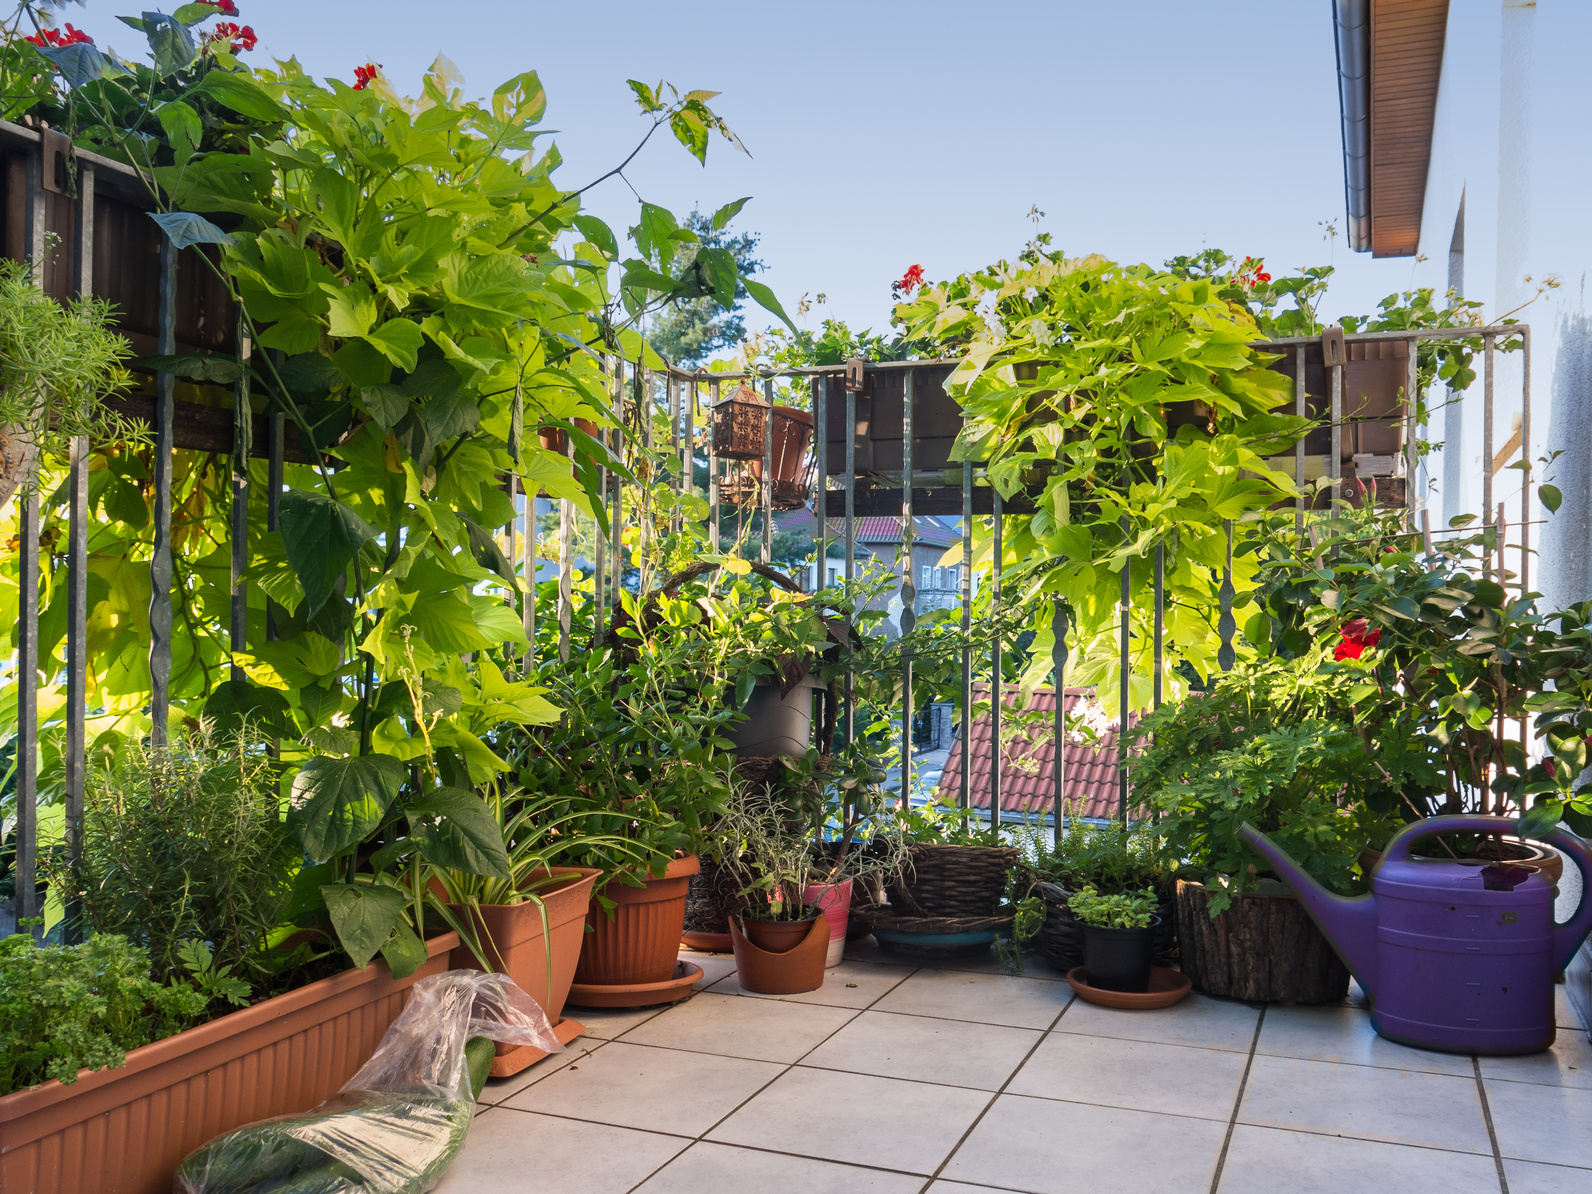 Das Balkon Wohnzimmer Für Den Sommer; Ankenevermann/ Fotolia.com